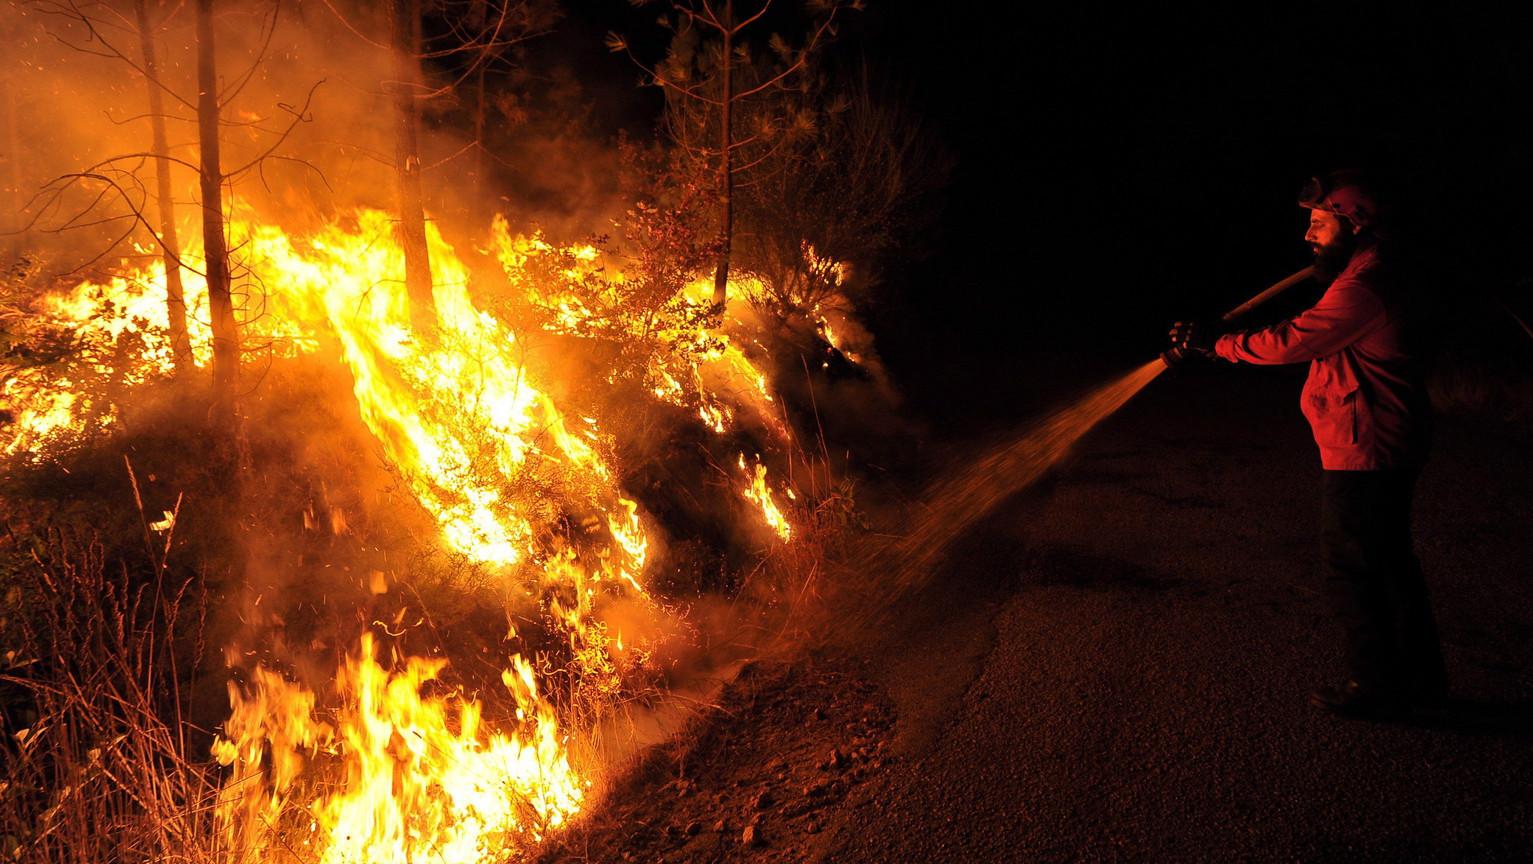 Egy tűzoltó próbálja megfékezni az erdőtűz lángjait  Portugáliában (Fotó: MTI/EPA/Nuno Andre Ferreira)